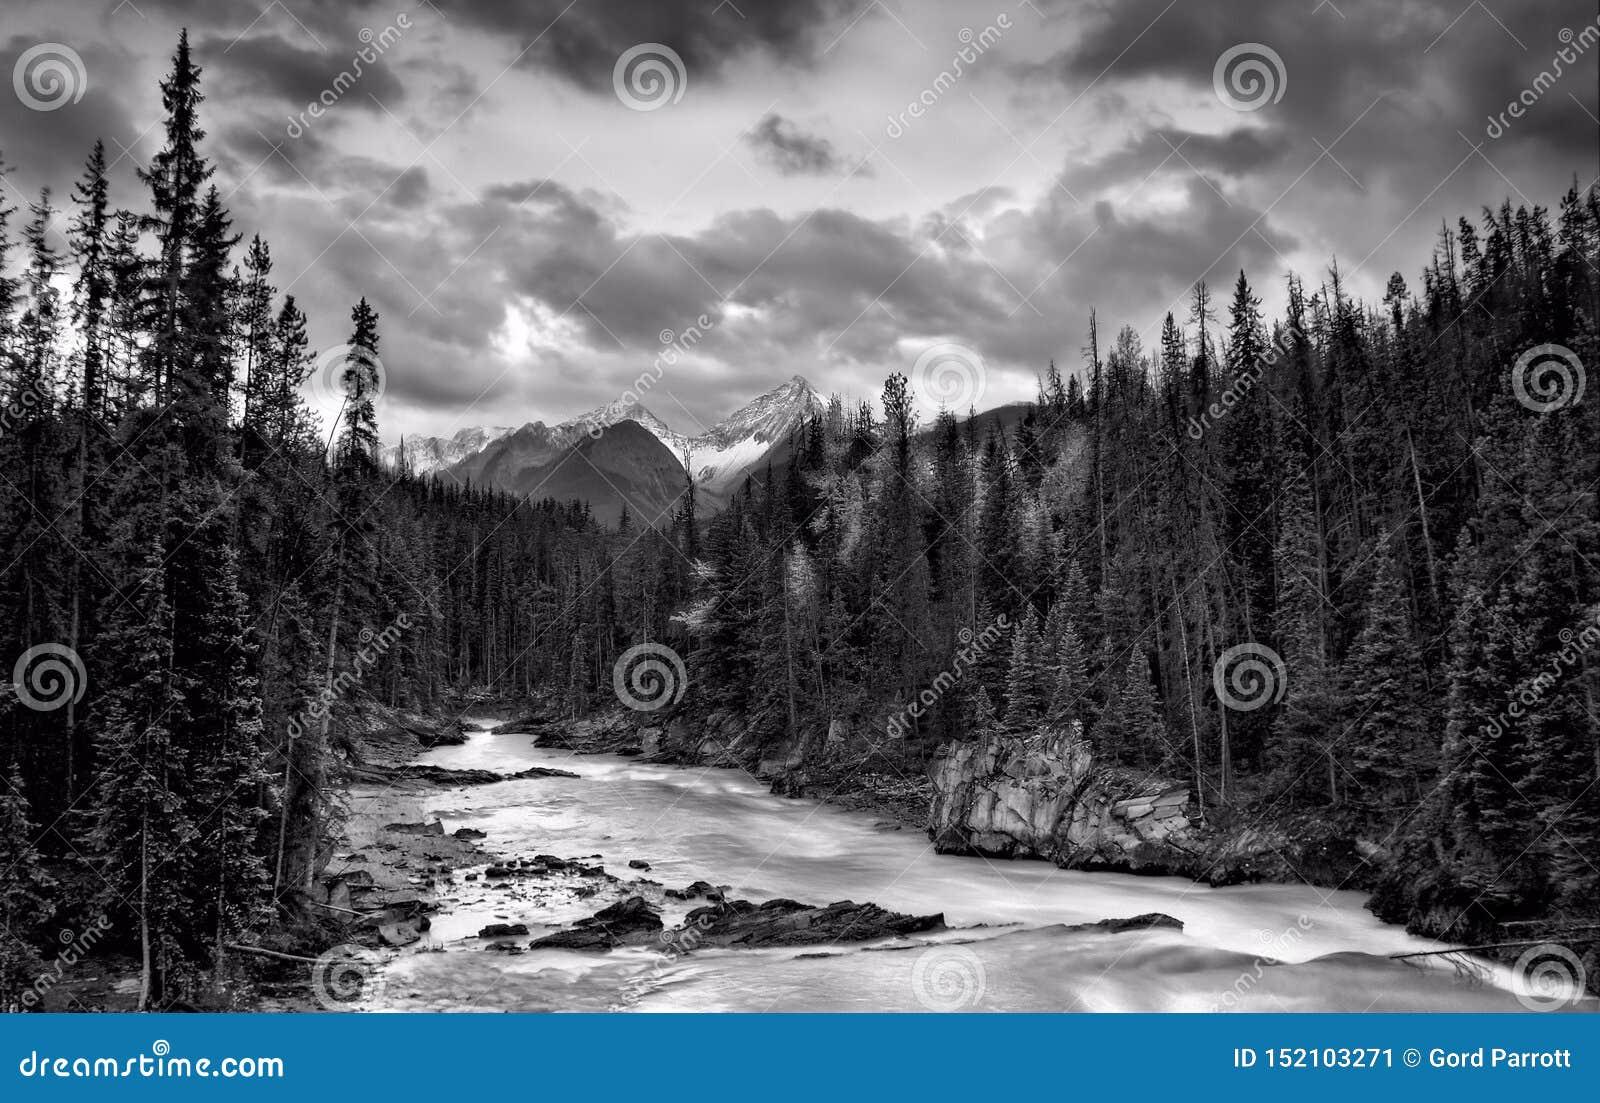 Whitewater en las montañas rocosas